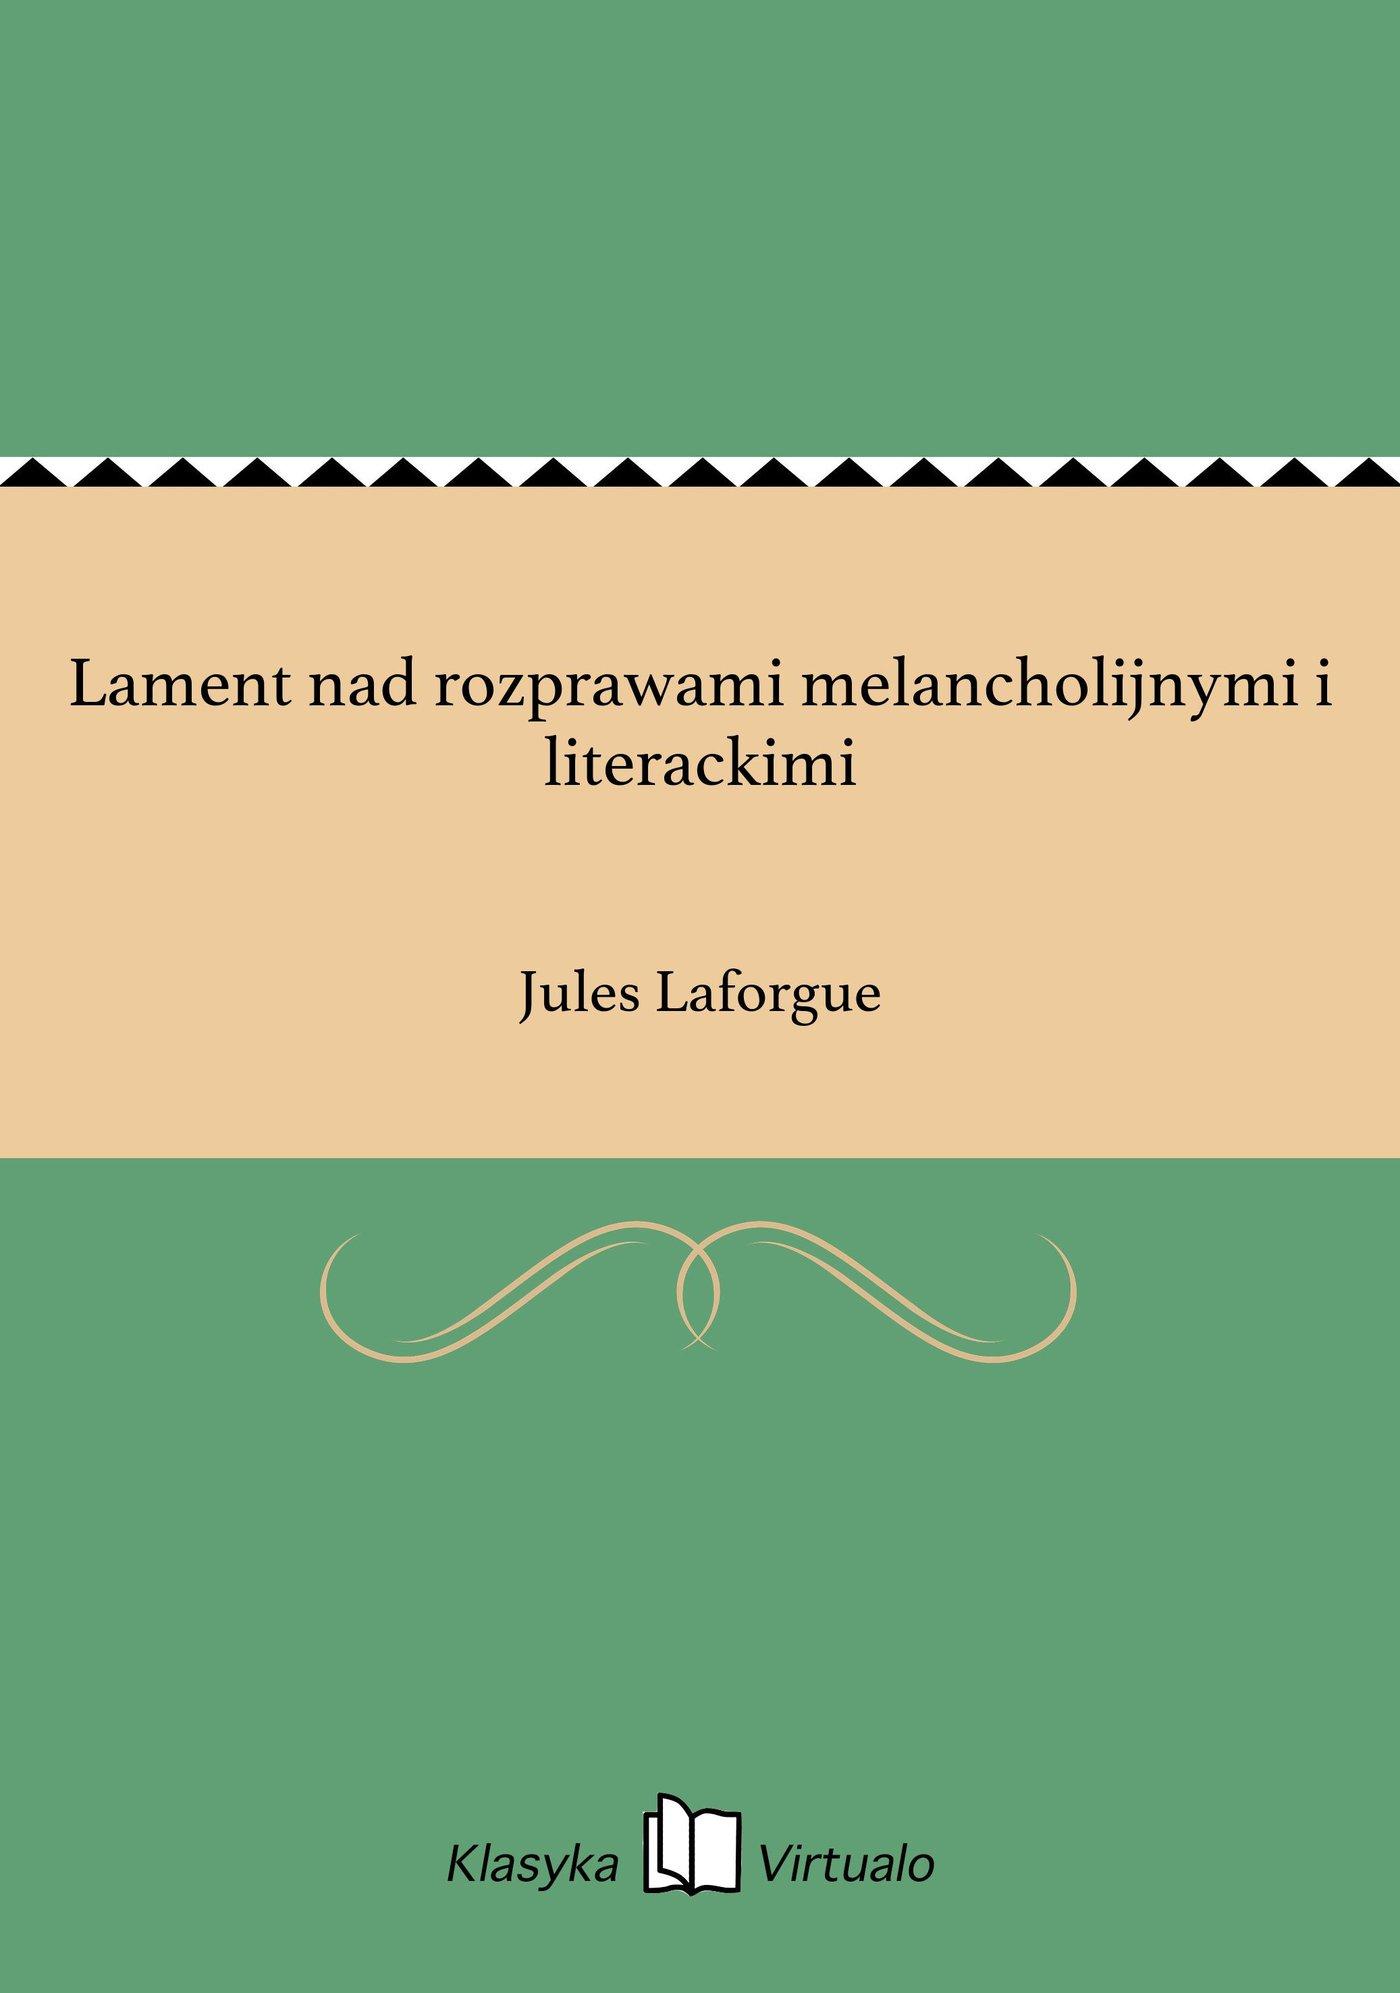 Lament nad rozprawami melancholijnymi i literackimi - Ebook (Książka EPUB) do pobrania w formacie EPUB